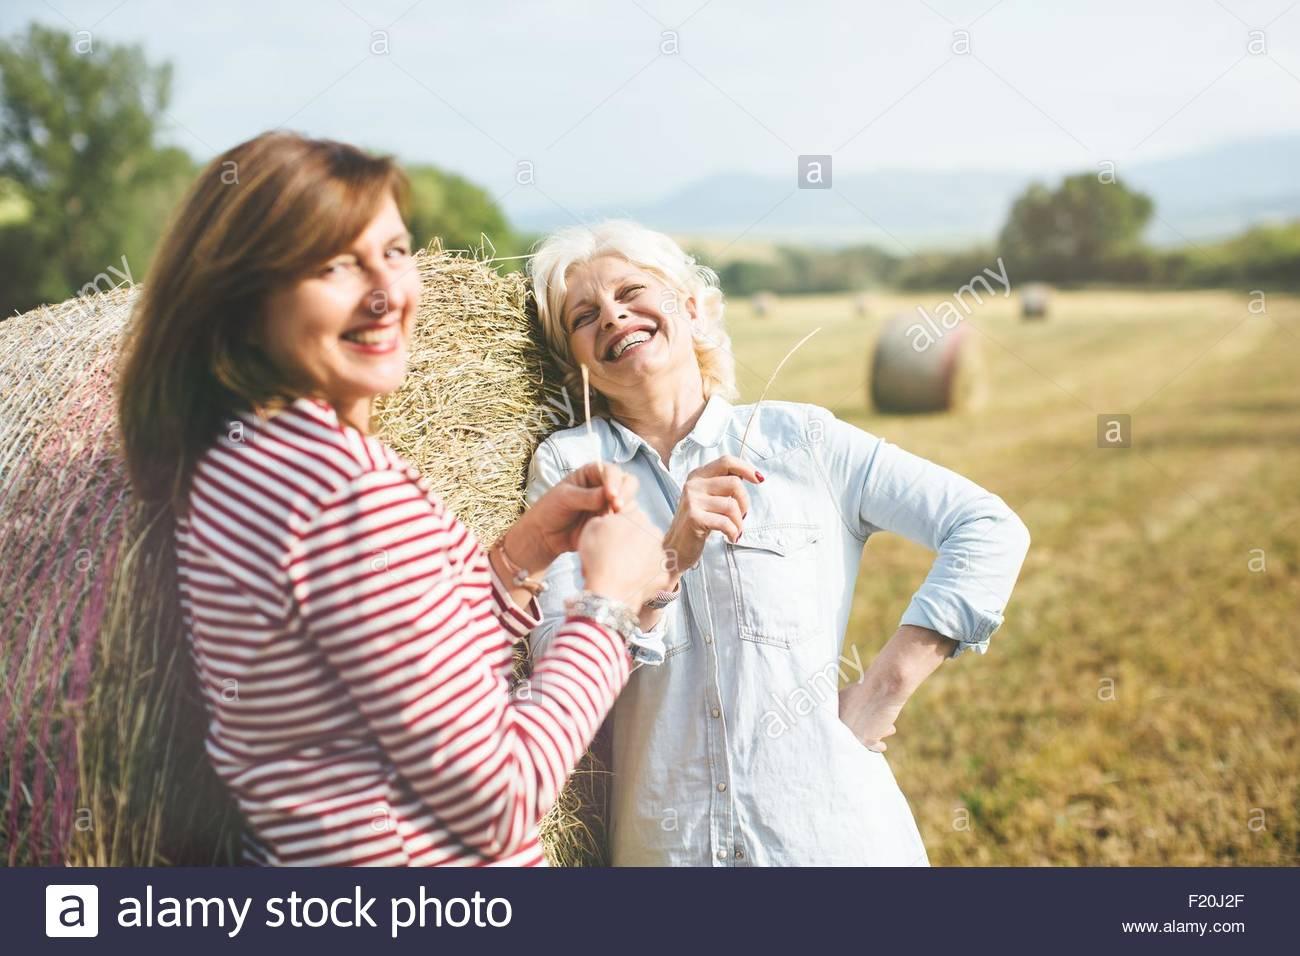 Deux amis de sexe féminin avec de la paille de l'herbe, Toscane, Italie Photo Stock